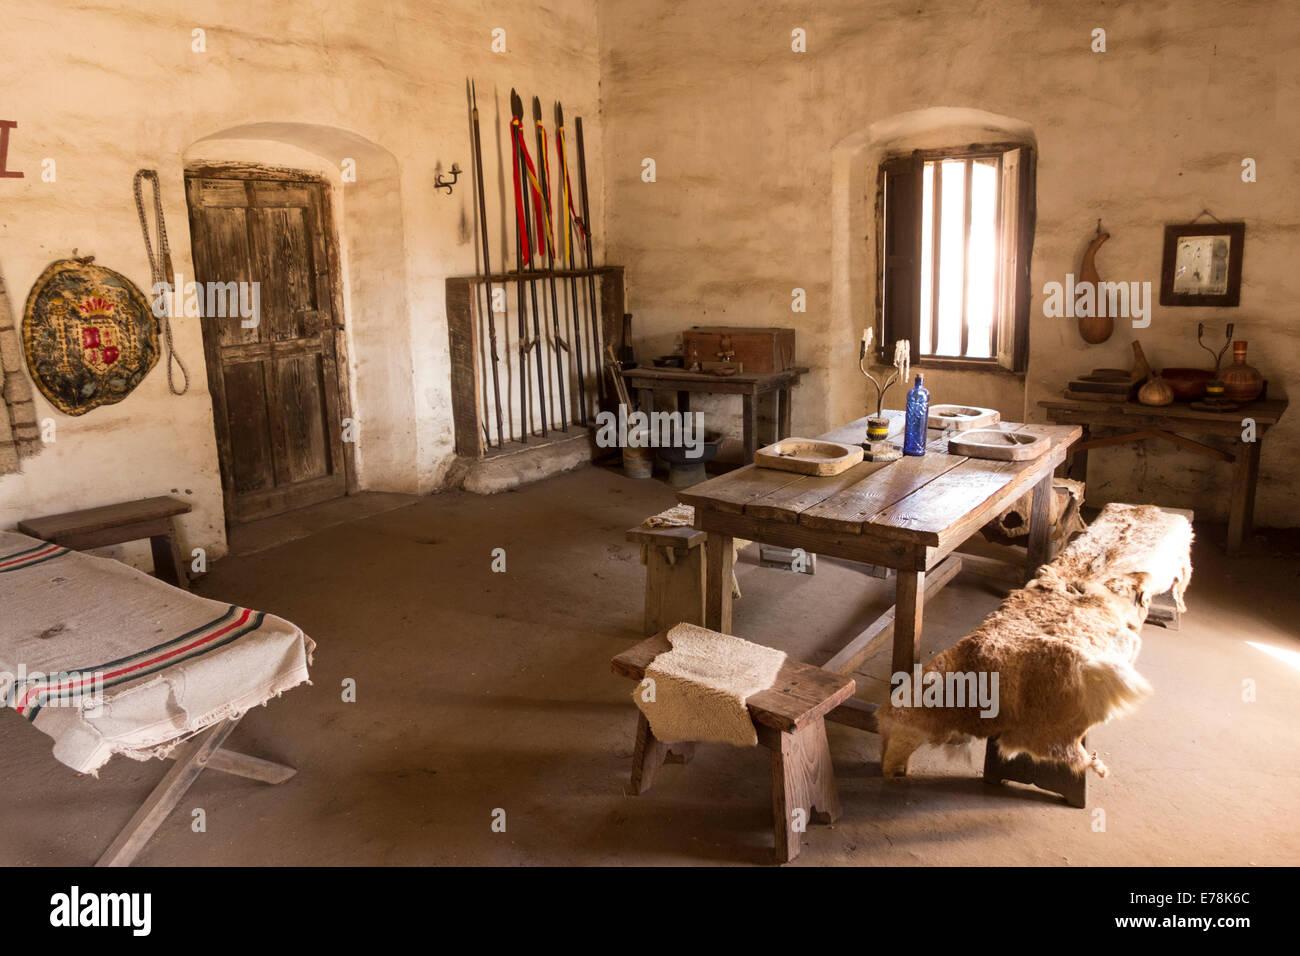 Soldiers Barracks In Historic Mission La Purisima